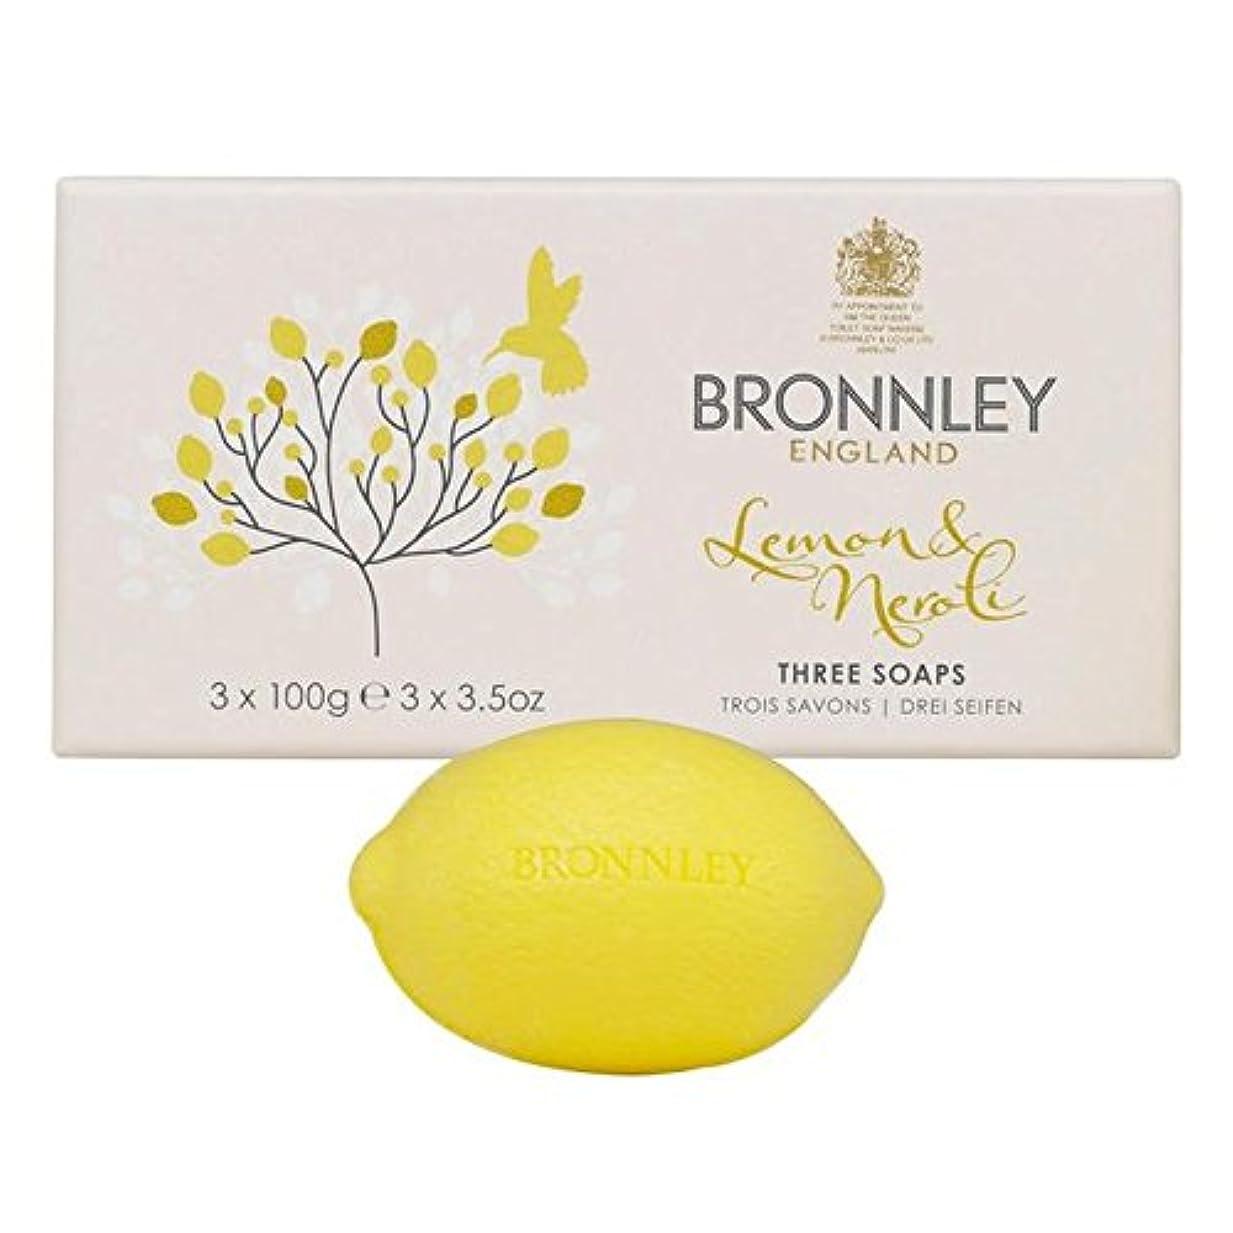 フィヨルド中央ブローBronnley Lemon & Neroli Soaps 3 x 100g (Pack of 6) - レモン&ネロリ石鹸3×100グラム x6 [並行輸入品]